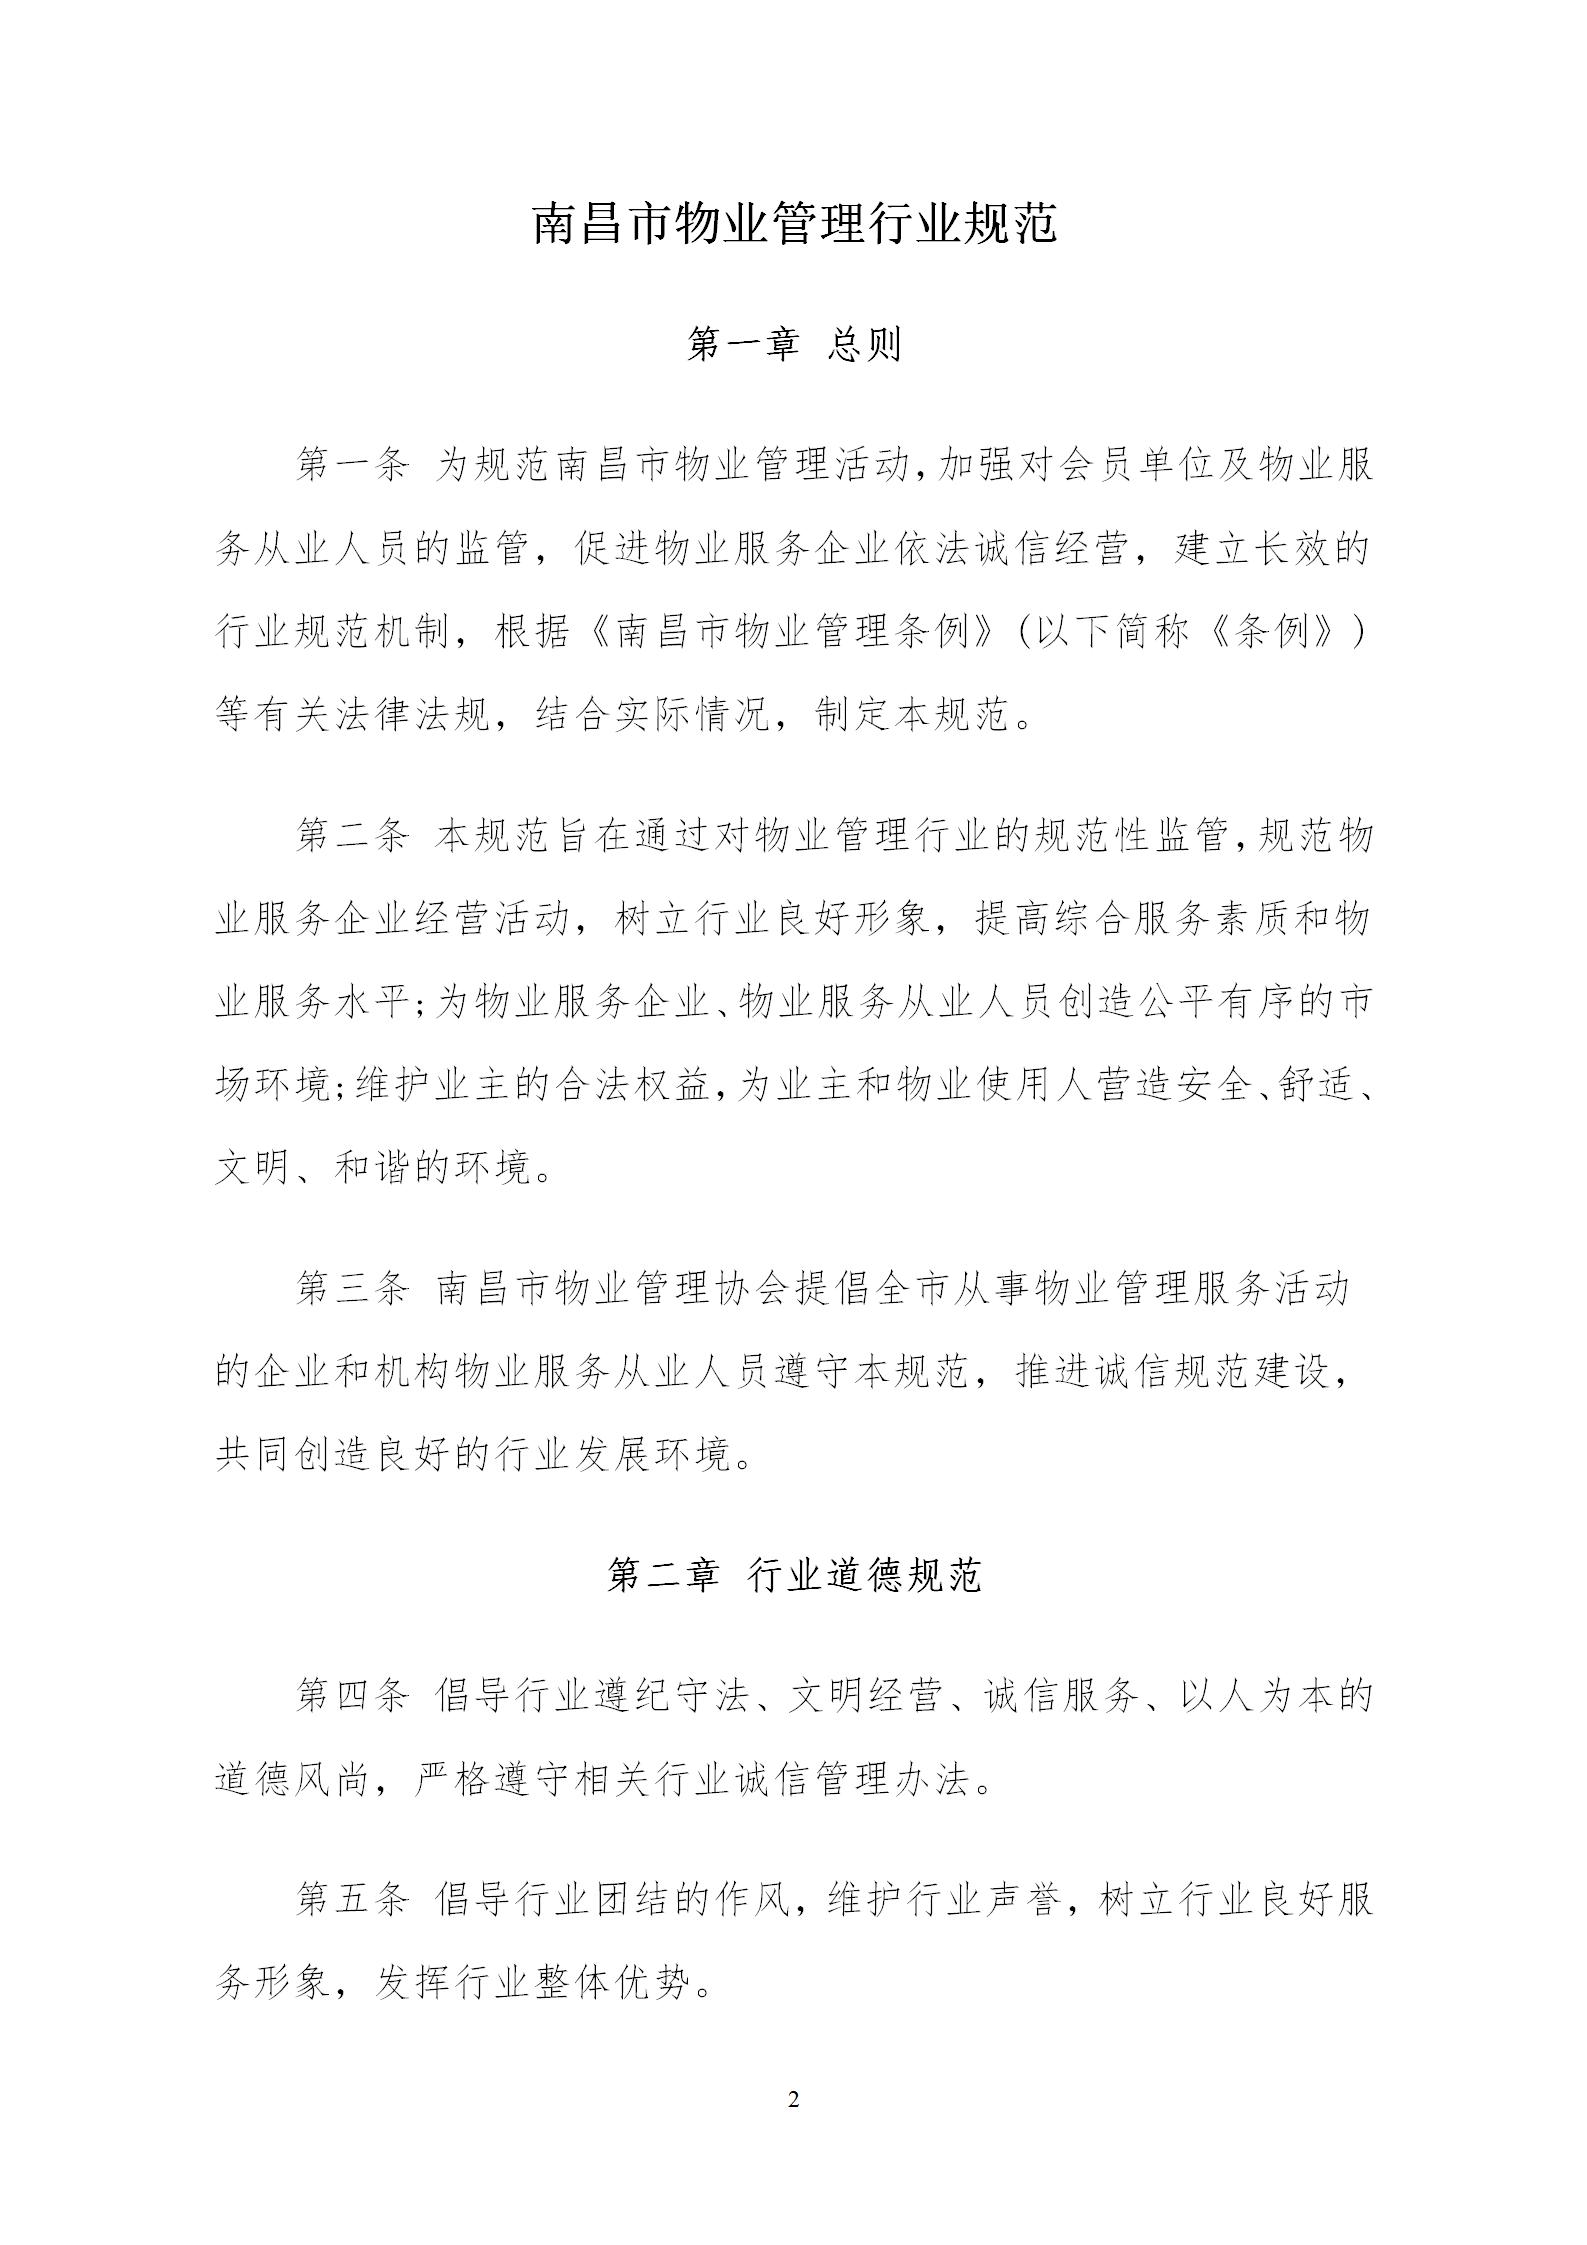 洪物协字[2020]20号关于贯彻落实《南昌市物业管理行业规范》的通知_02.png